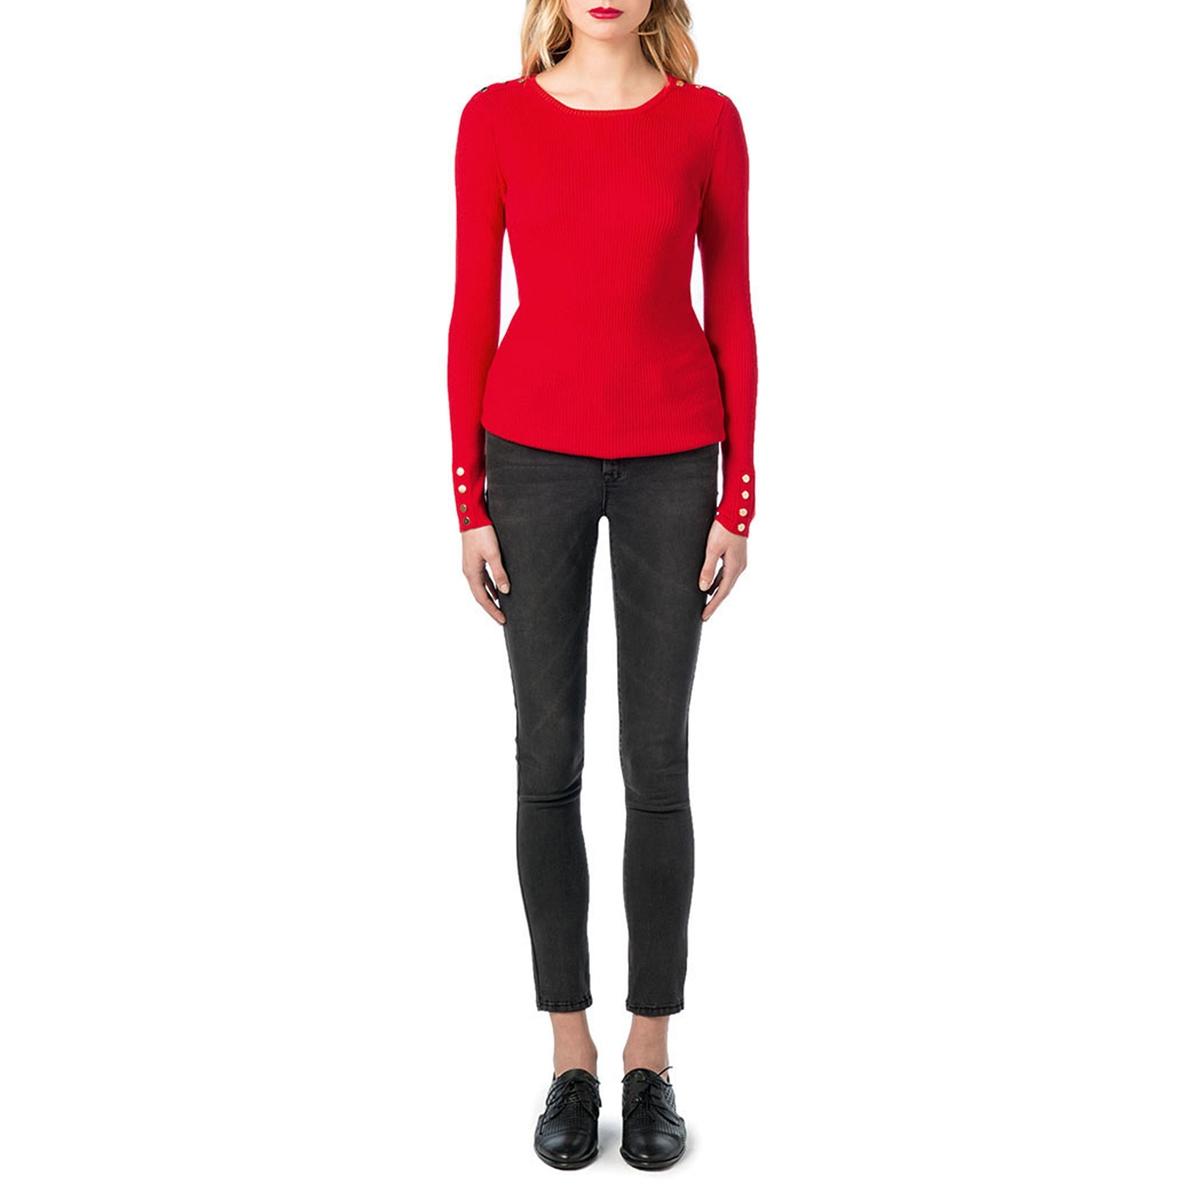 Пуловер с круглым вырезом из тонкого трикотажаОписание:Детали •  Длинные рукава •  Круглый вырез •  Тонкий трикотаж Состав и уход •  70% вискозы, 30% полиамида •  Следуйте советам по уходу, указанным на этикетке<br><br>Цвет: красный<br>Размер: S